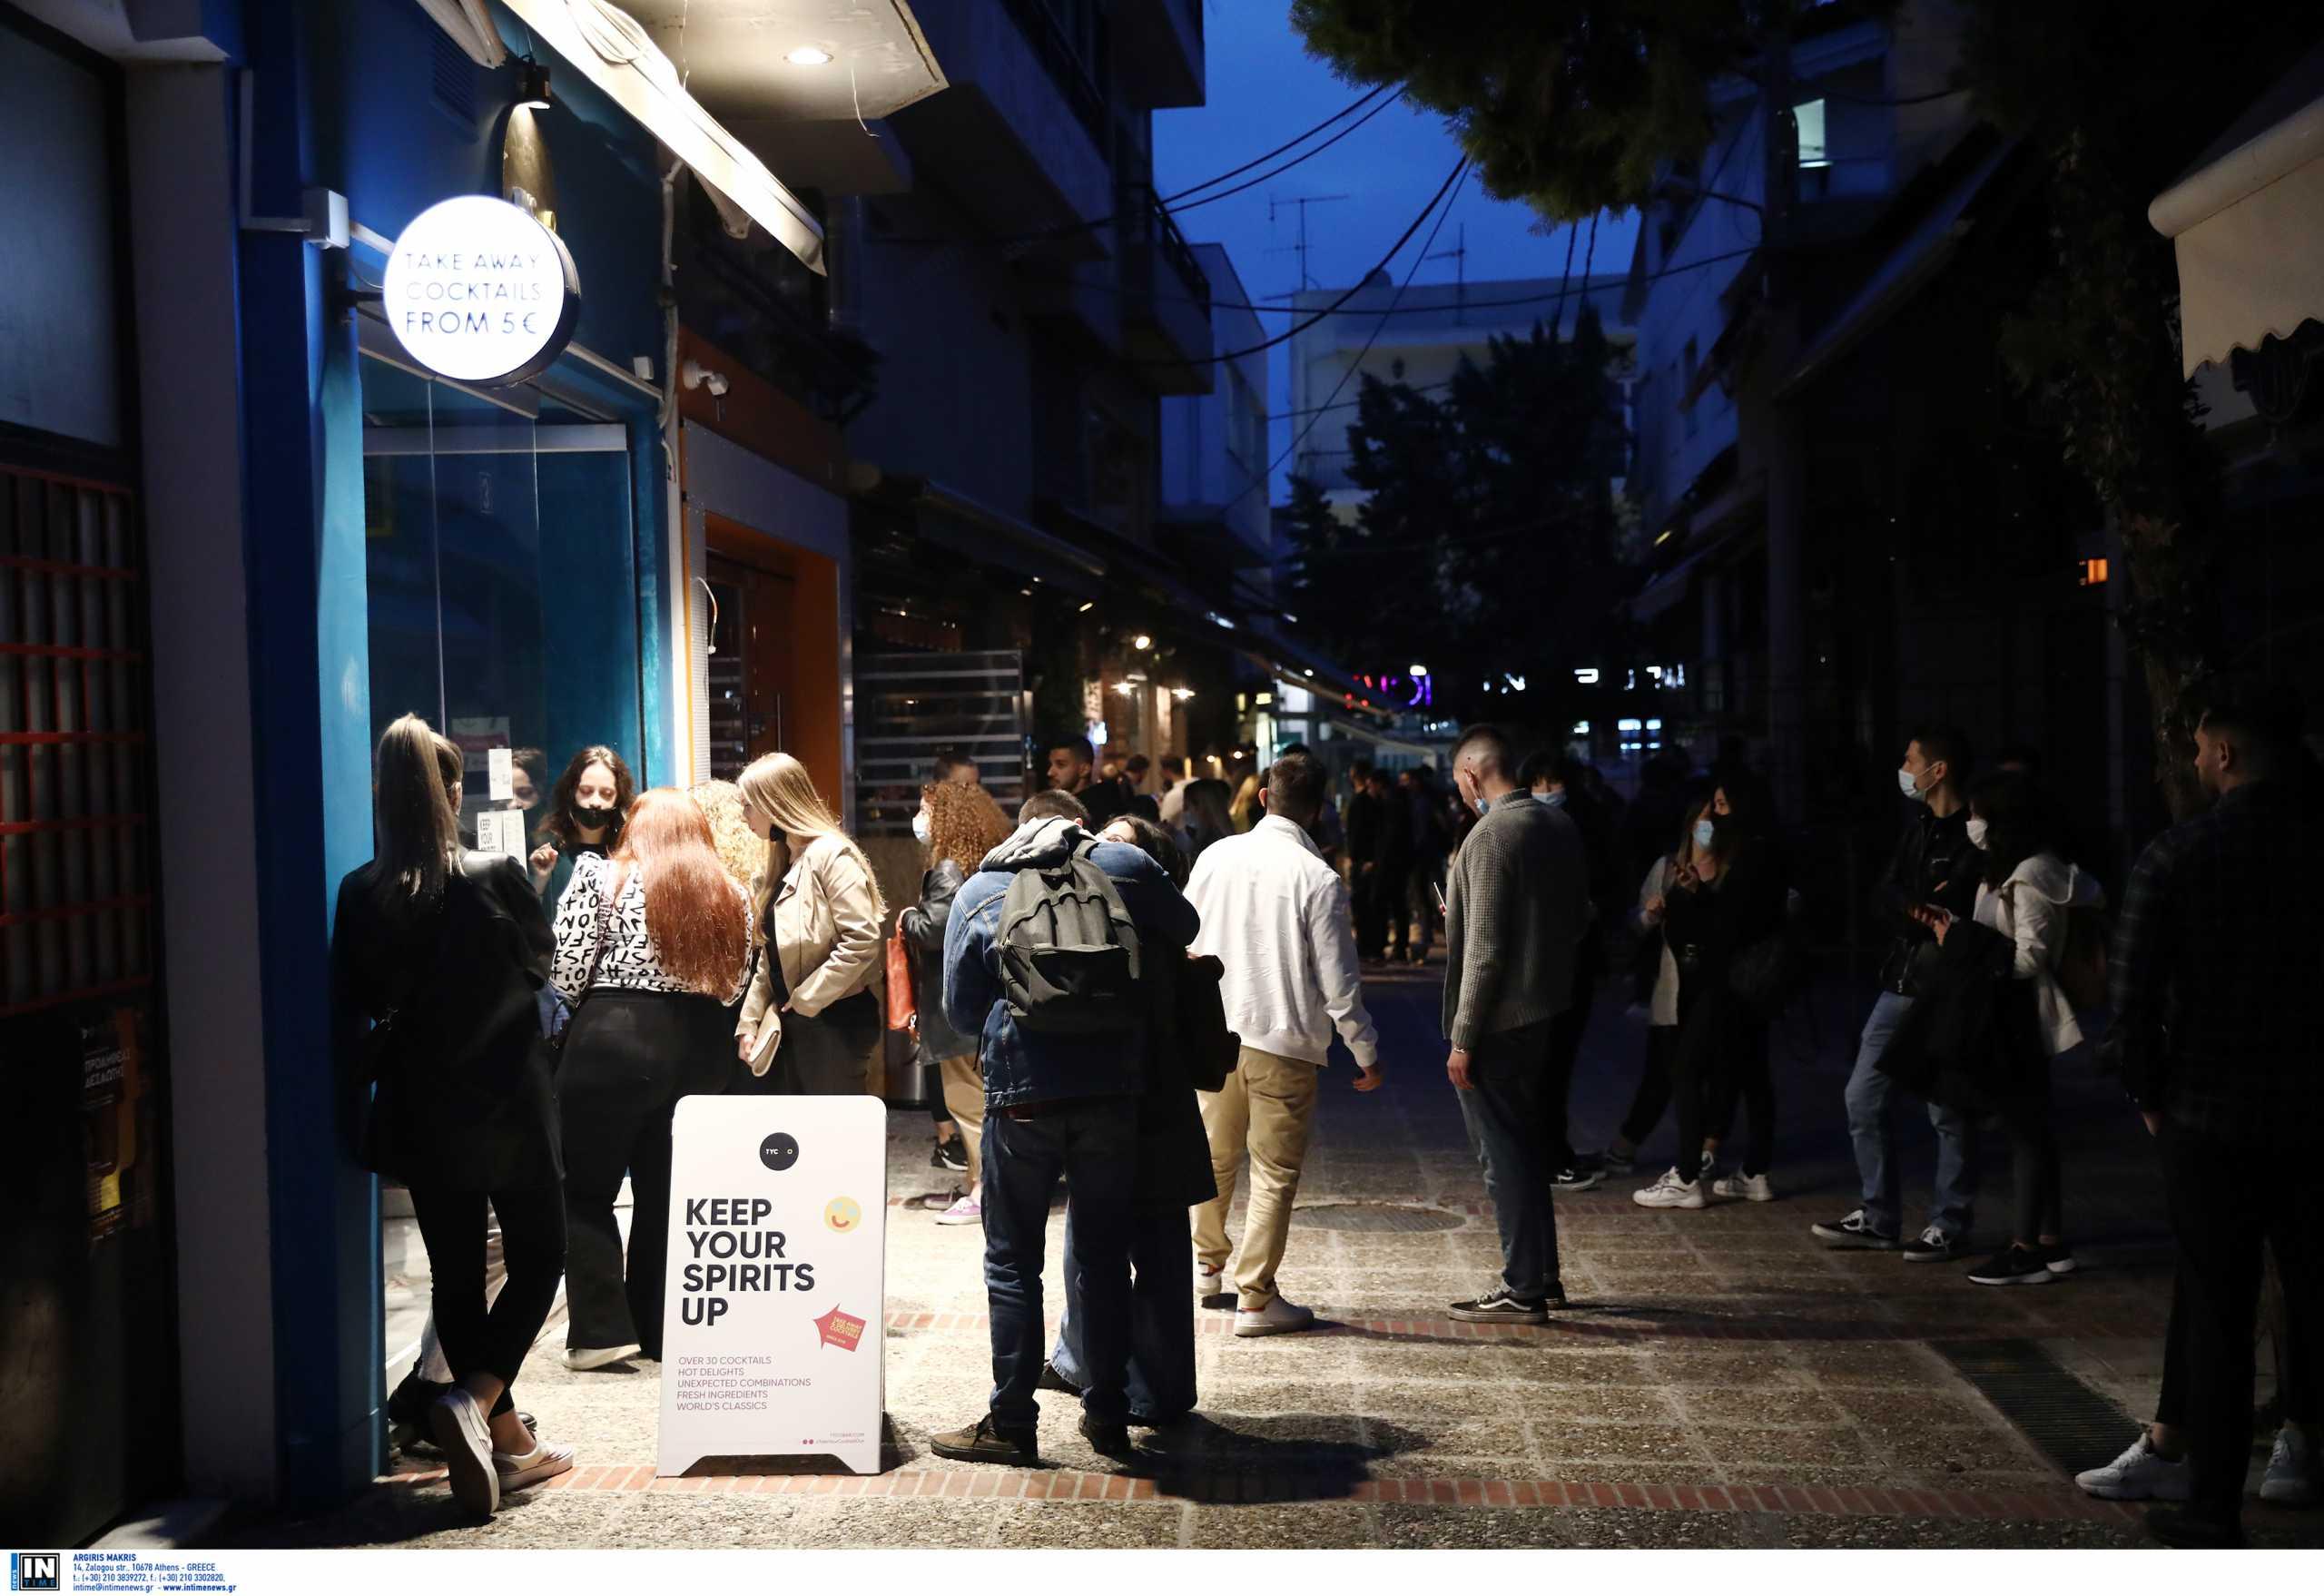 Βγαίνουν παγανιά οι ελεγκτές σε Γλυφάδα και κέντρο – Αυστηροί έλεγχοι για τήρηση των μέτρων